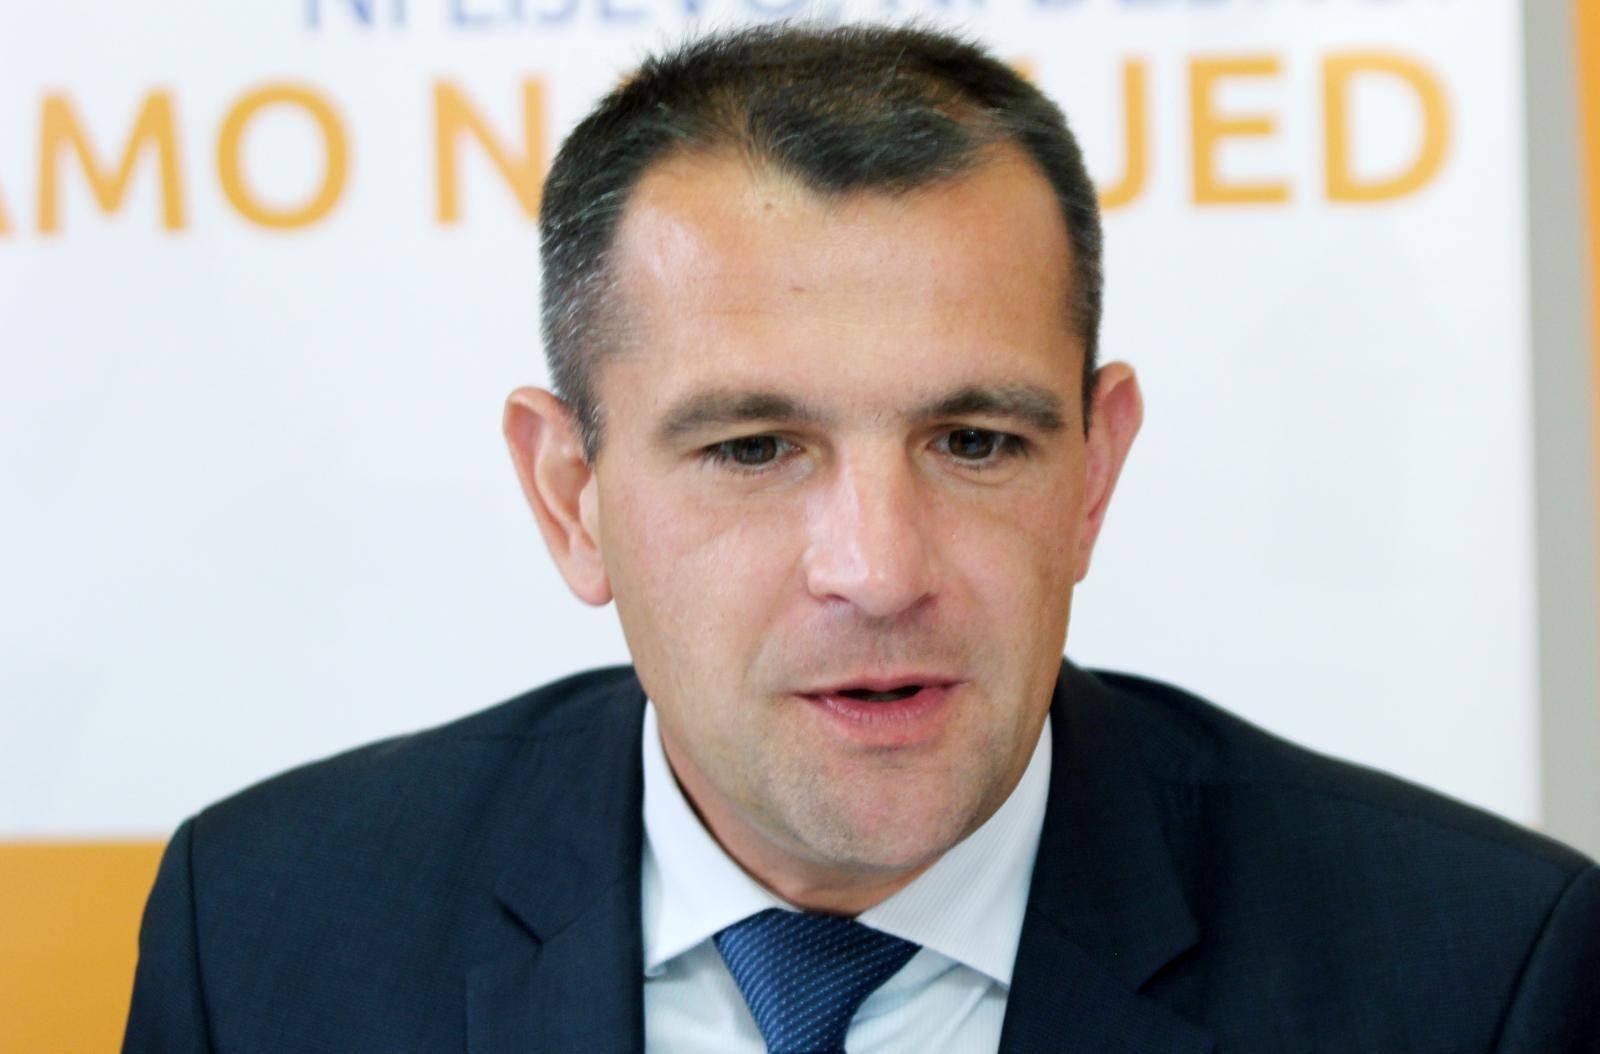 Sisak: Kandidati HNS-a za izbore za Europski parlament održali konferenciju za medije